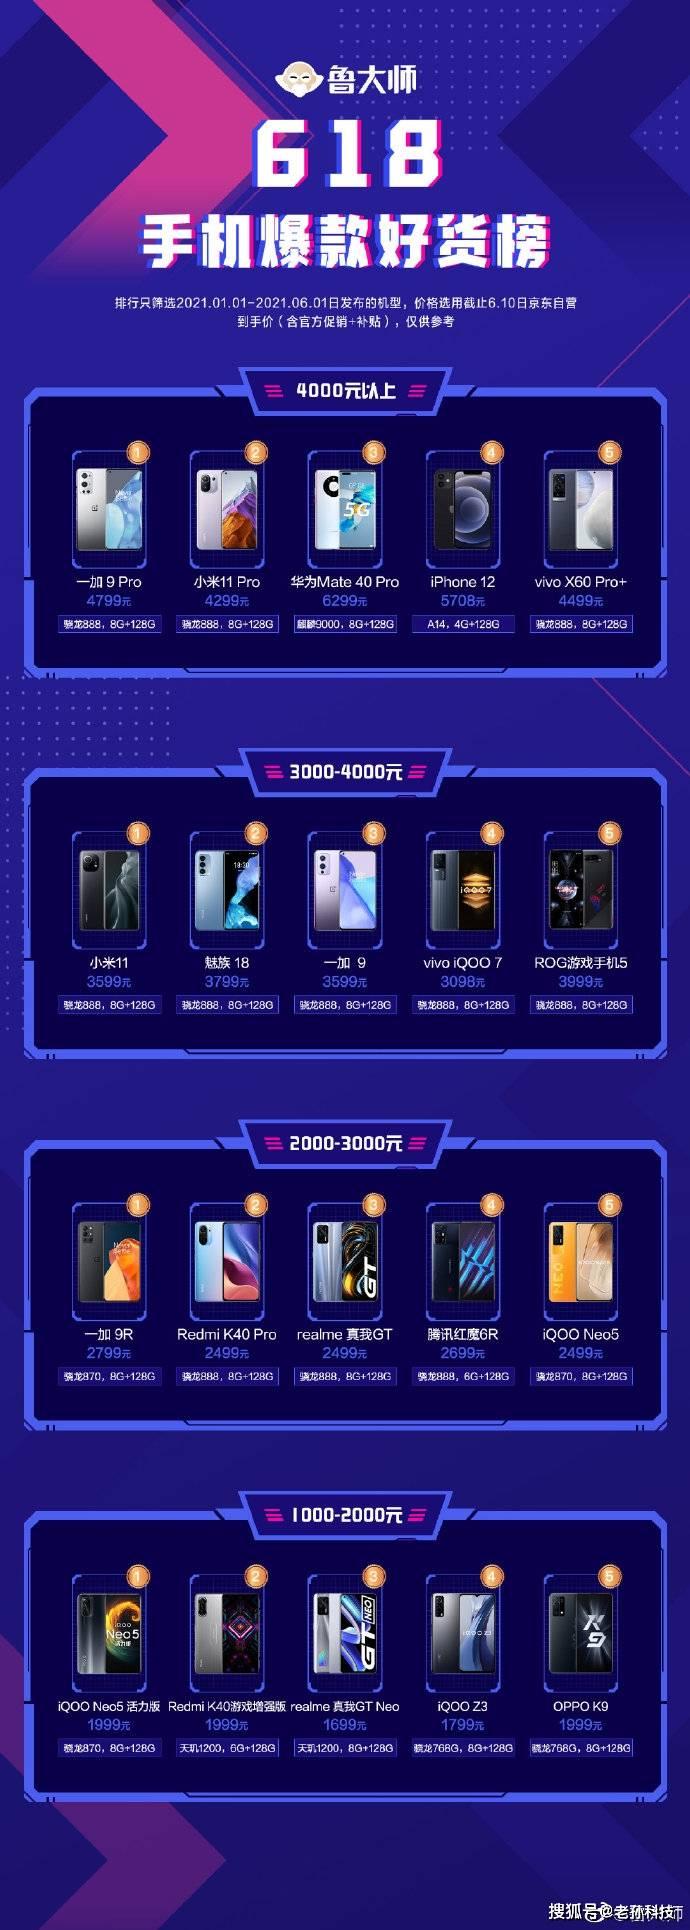 鲁大师618手机红榜:小米华为占据高端价位,你喜欢哪一款?